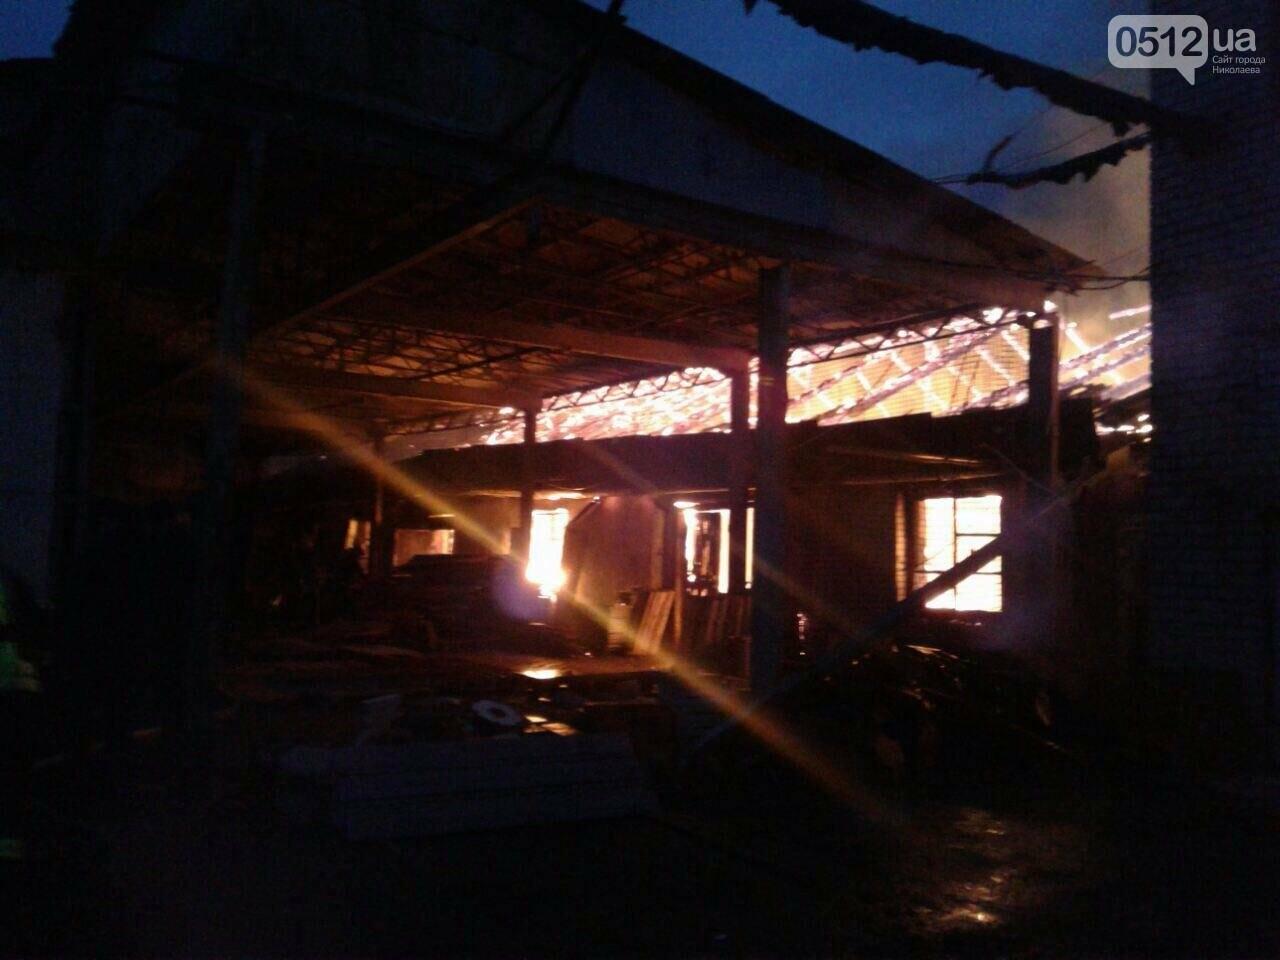 Масштабный пожар в Николаеве - горит  склад с древесиной, ФОТО, фото-2